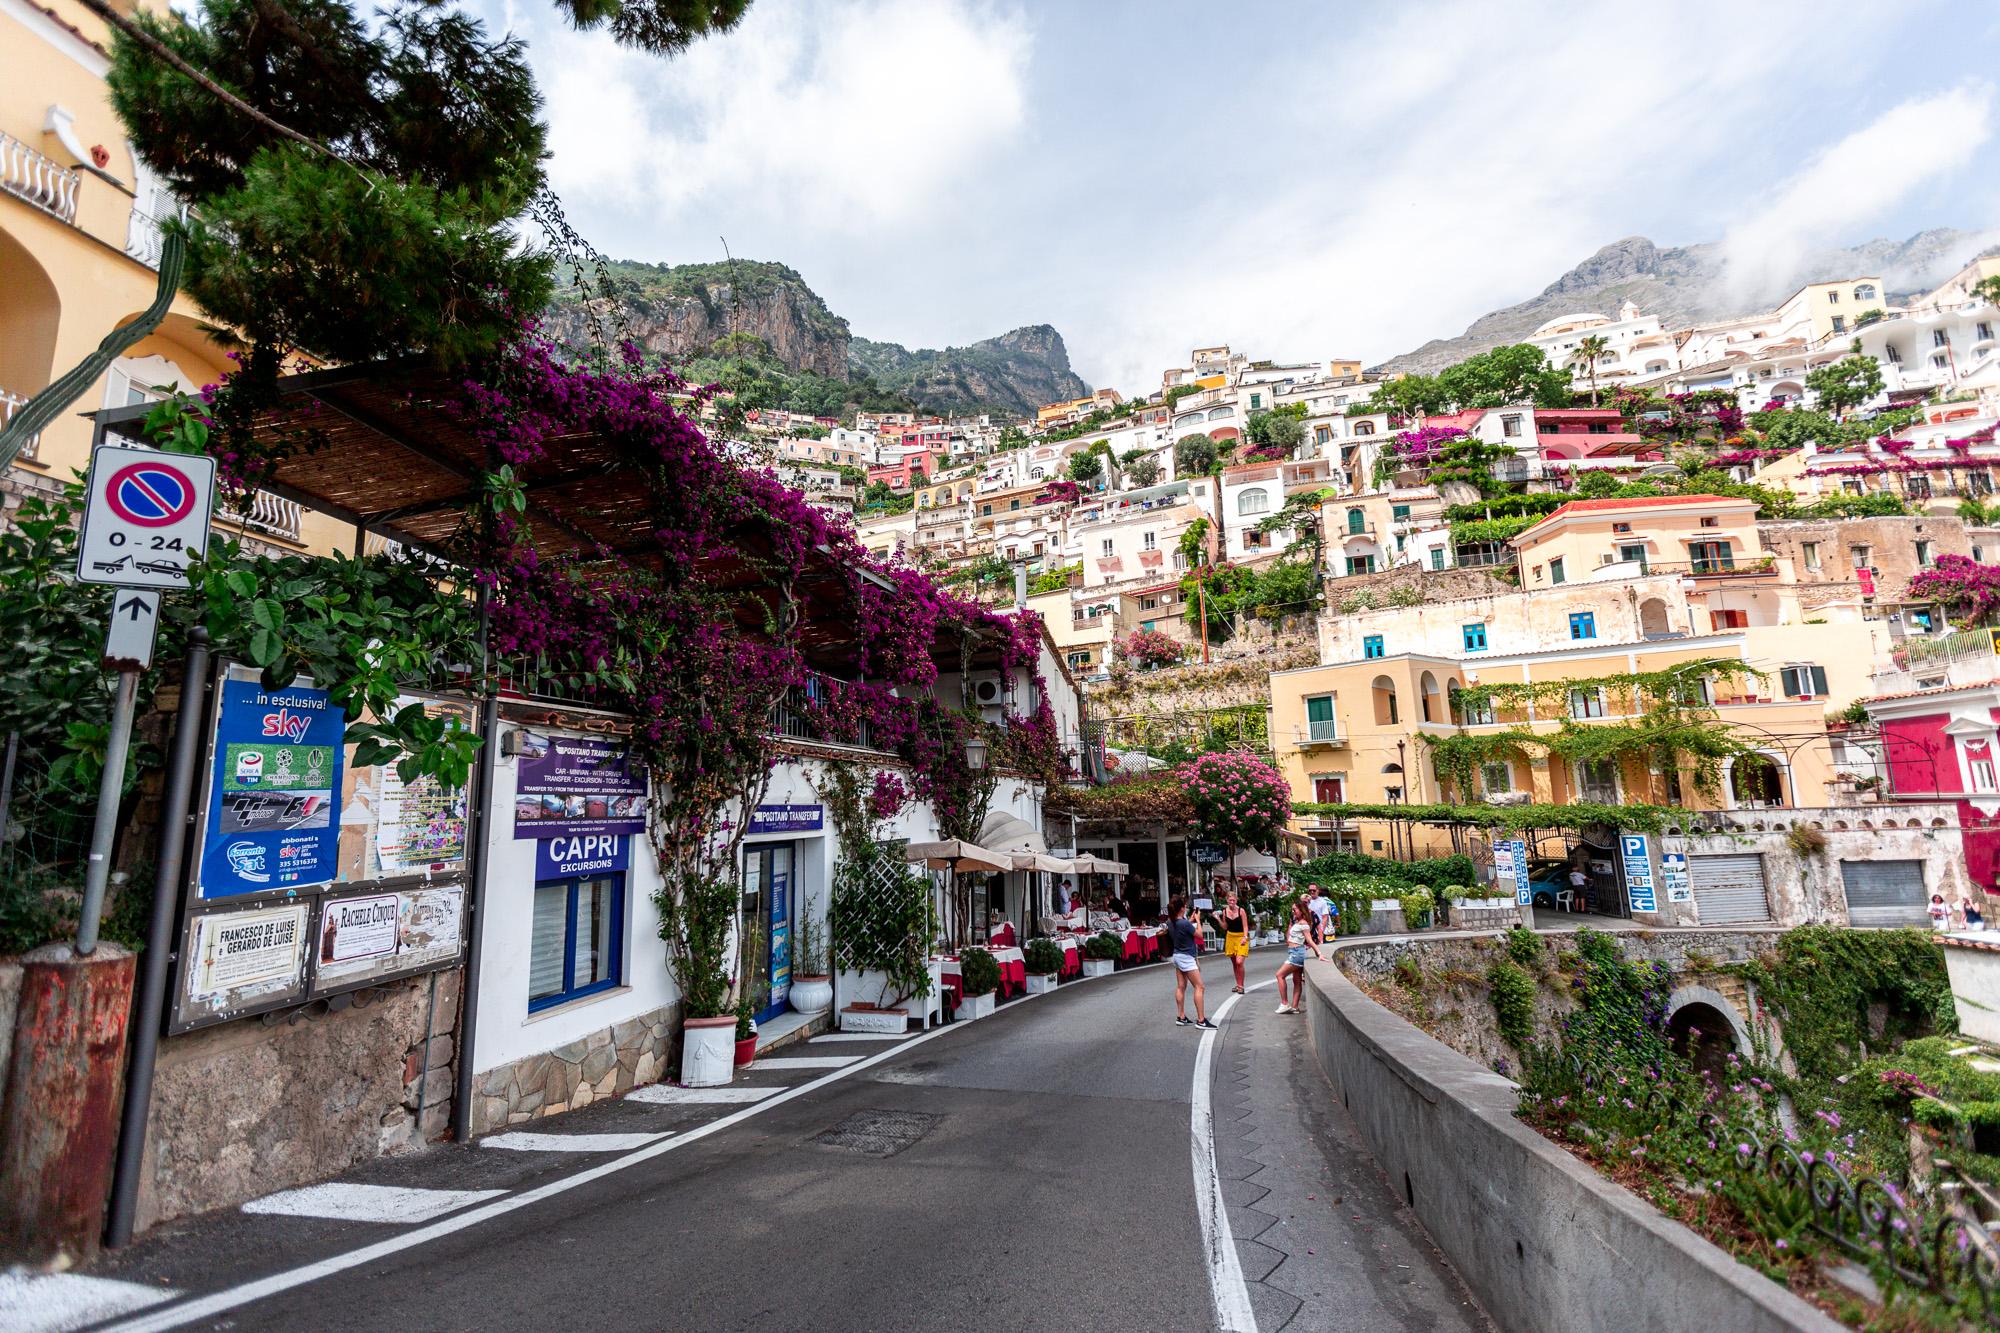 czy warto pojechać do positano, ceny, hotele w positano, wybrzeże amalfi, positano - czy drogo, jedzenie positno, positano co zobaczyć